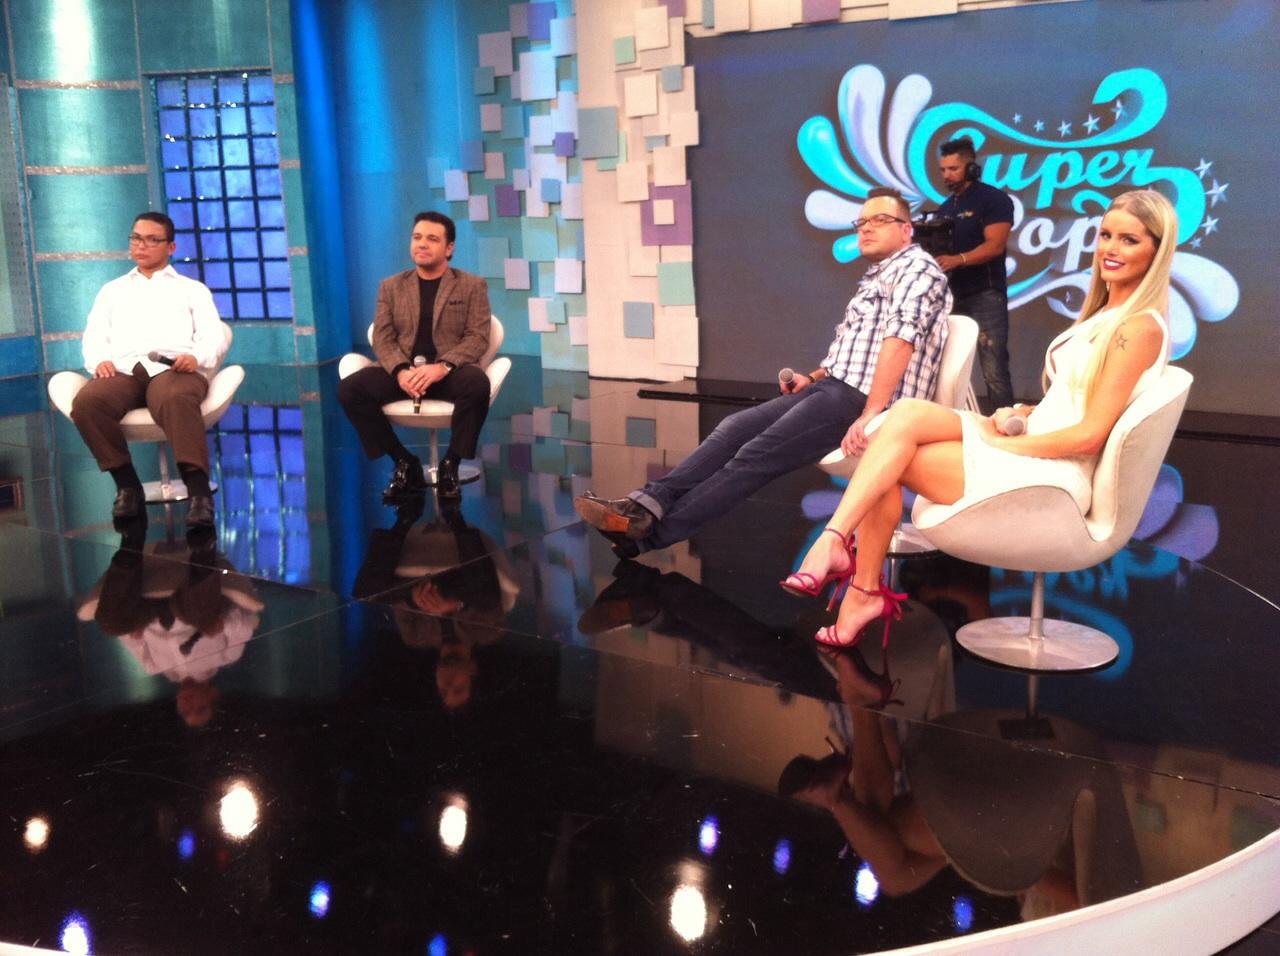 Em programa de TV, Marco Feliciano diz que ficaria com modelo ...